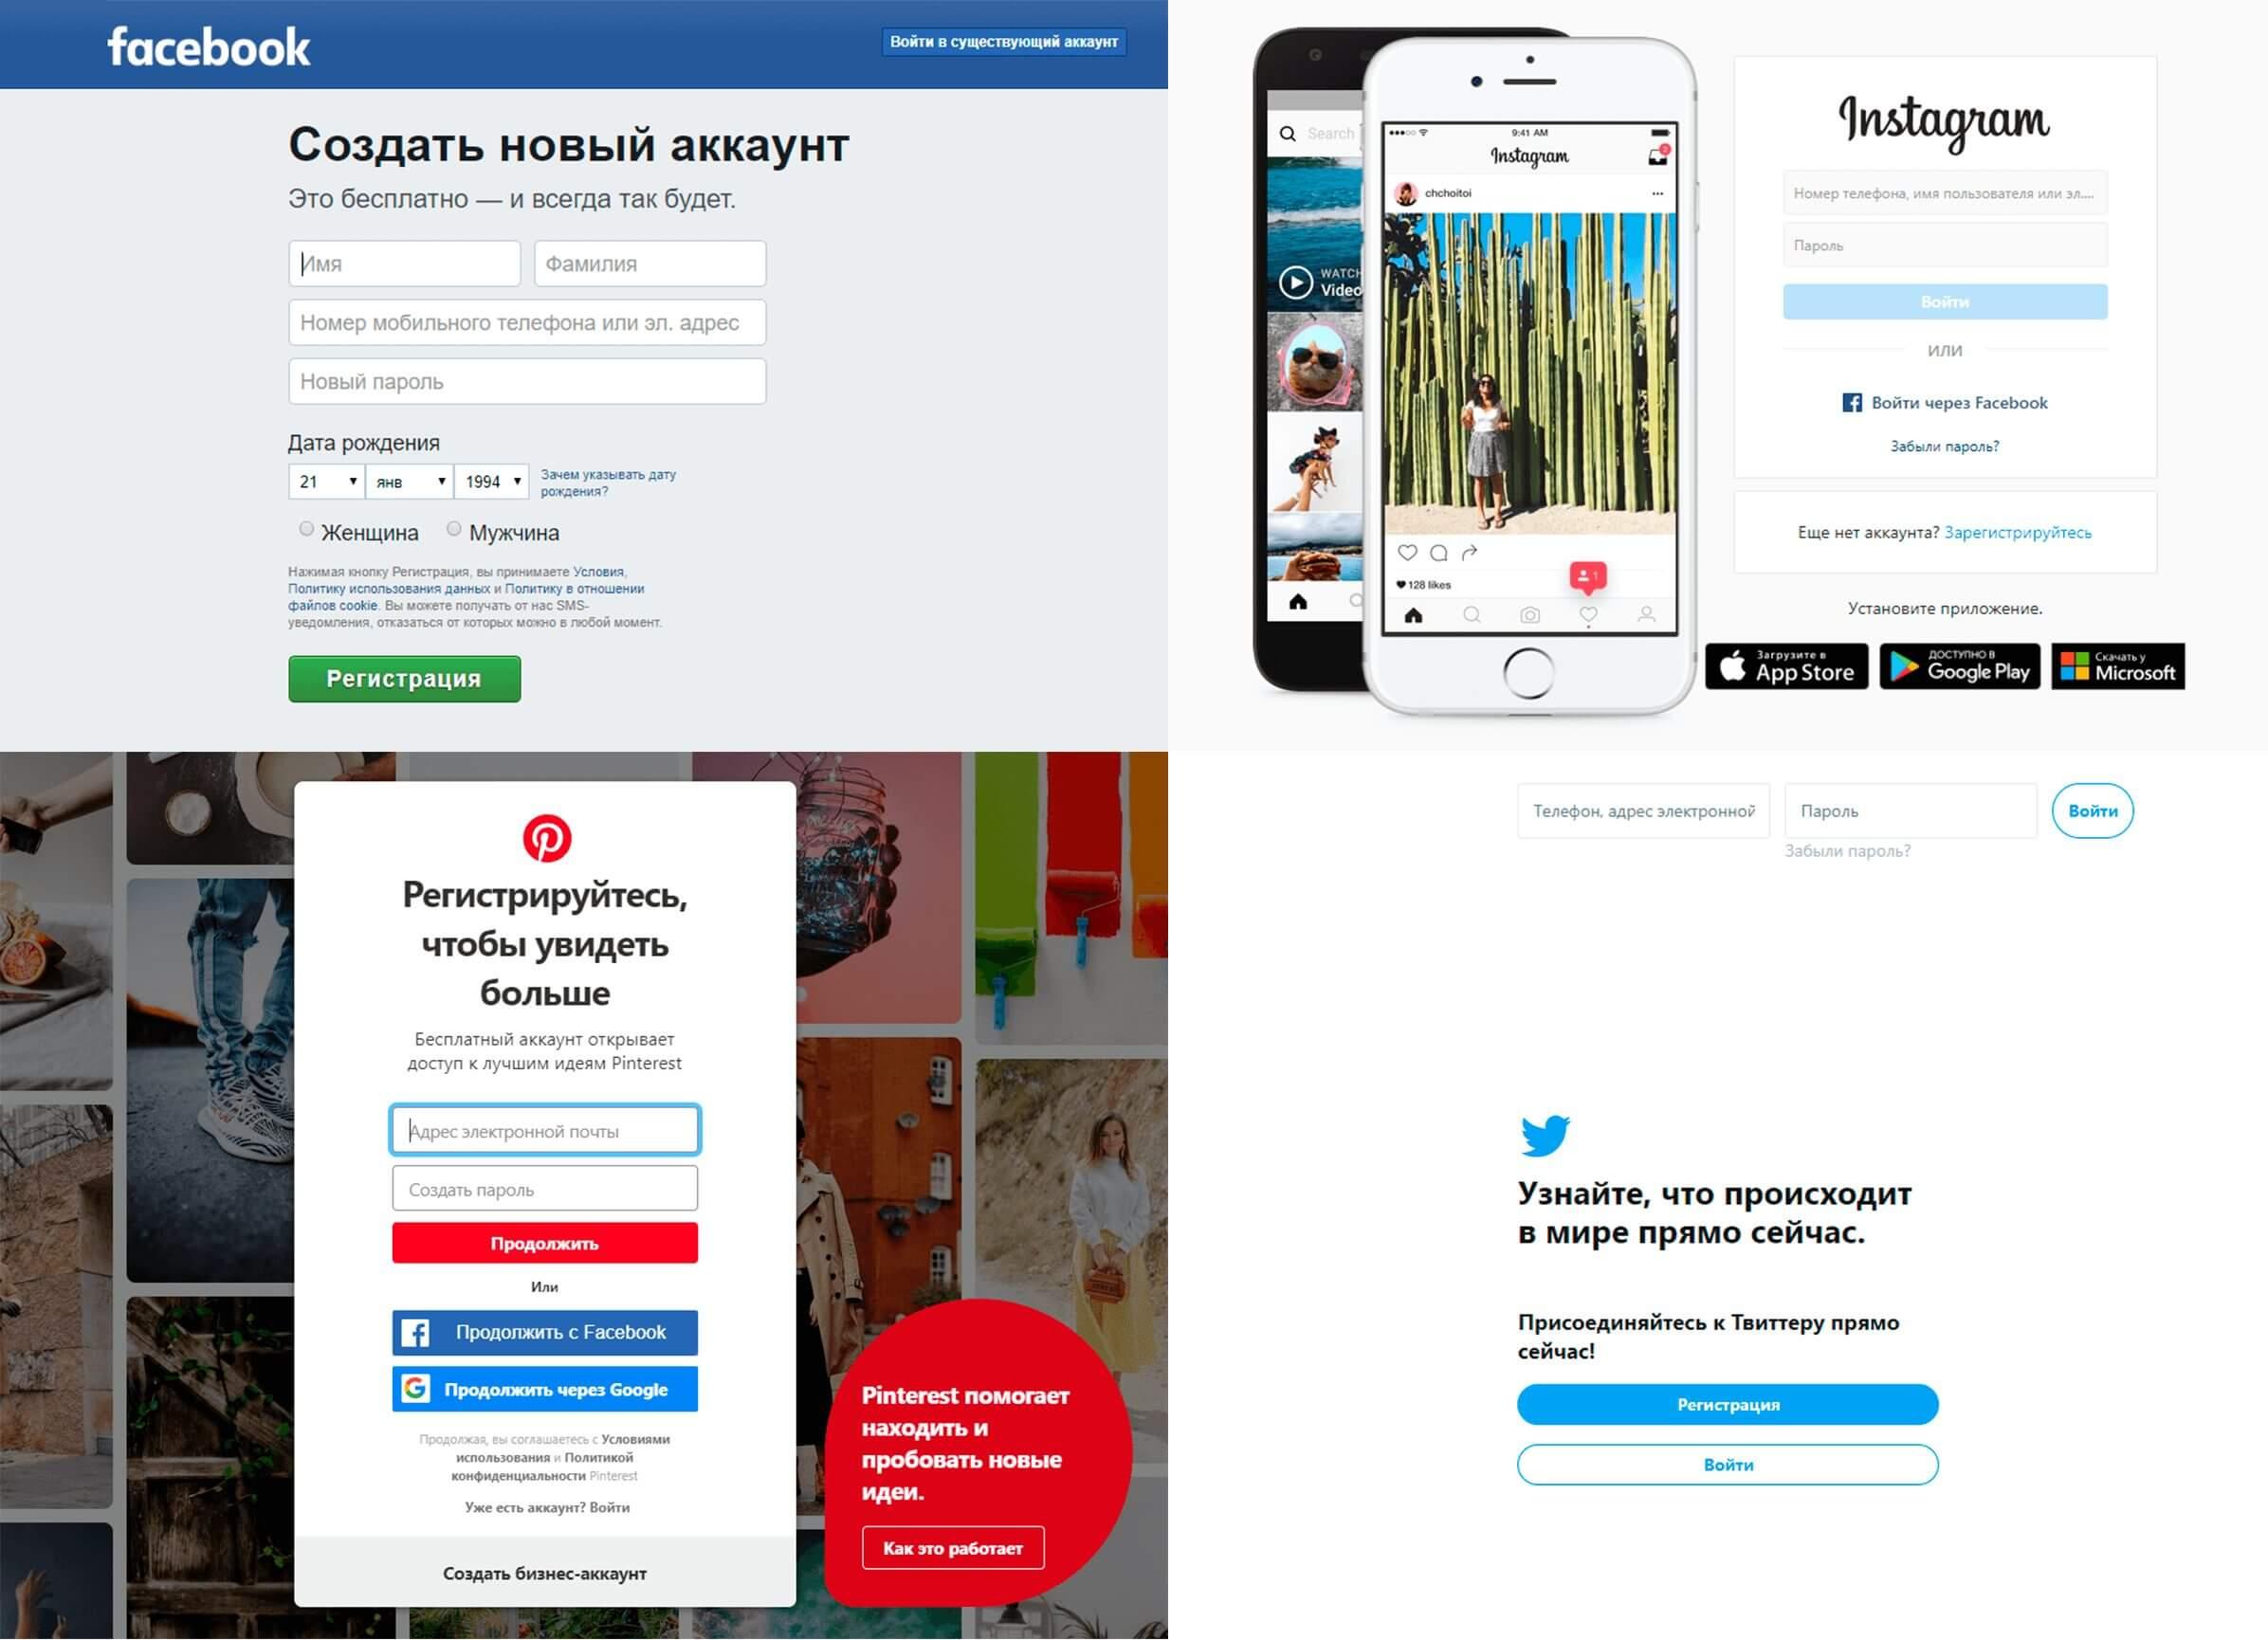 лендинги Facebook, Instagram, Pinterest, Twitter